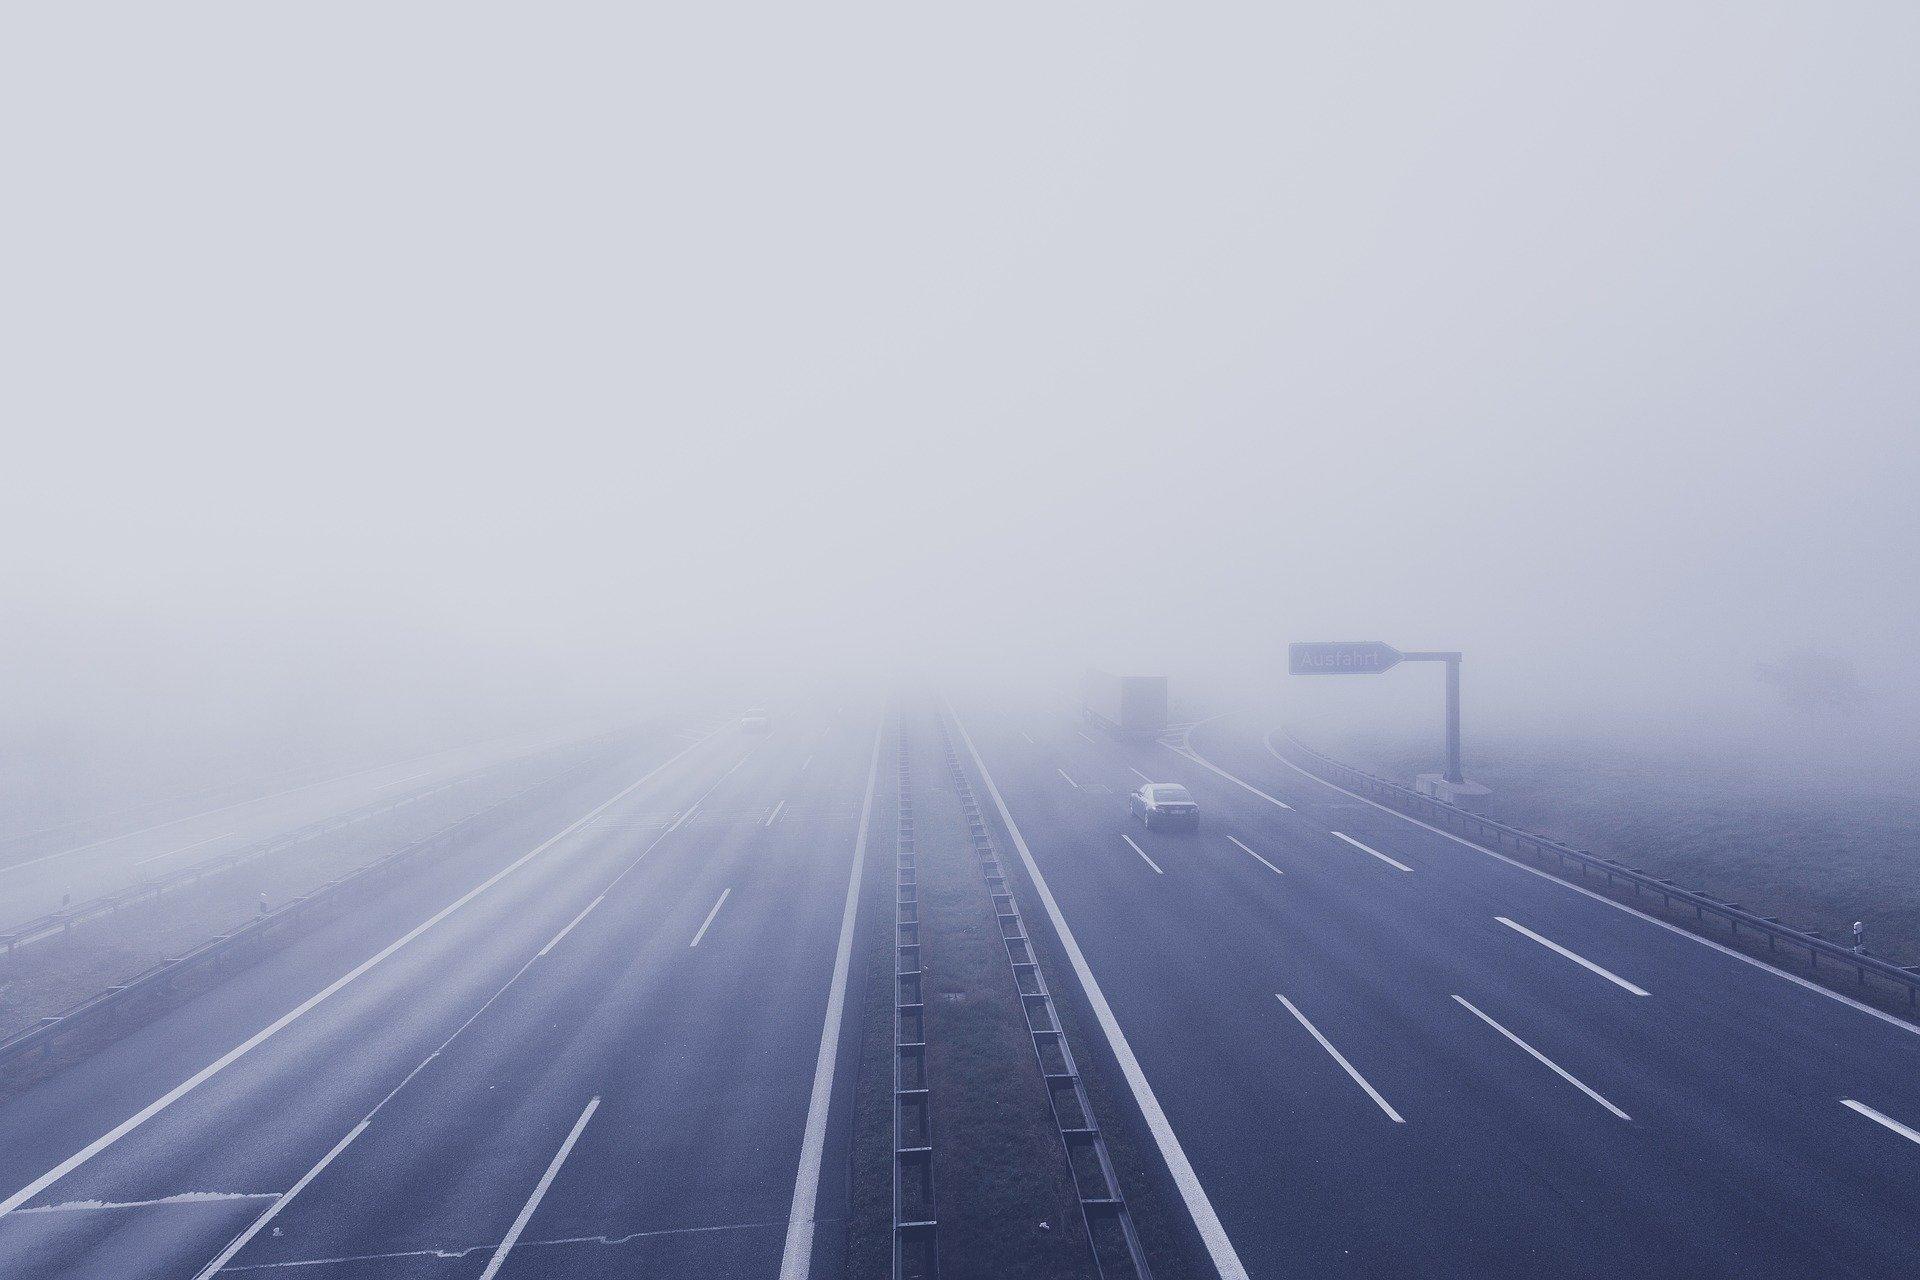 Дептранс экстренно предупредил московских водителей о сильном тумане и ухудшении видимости